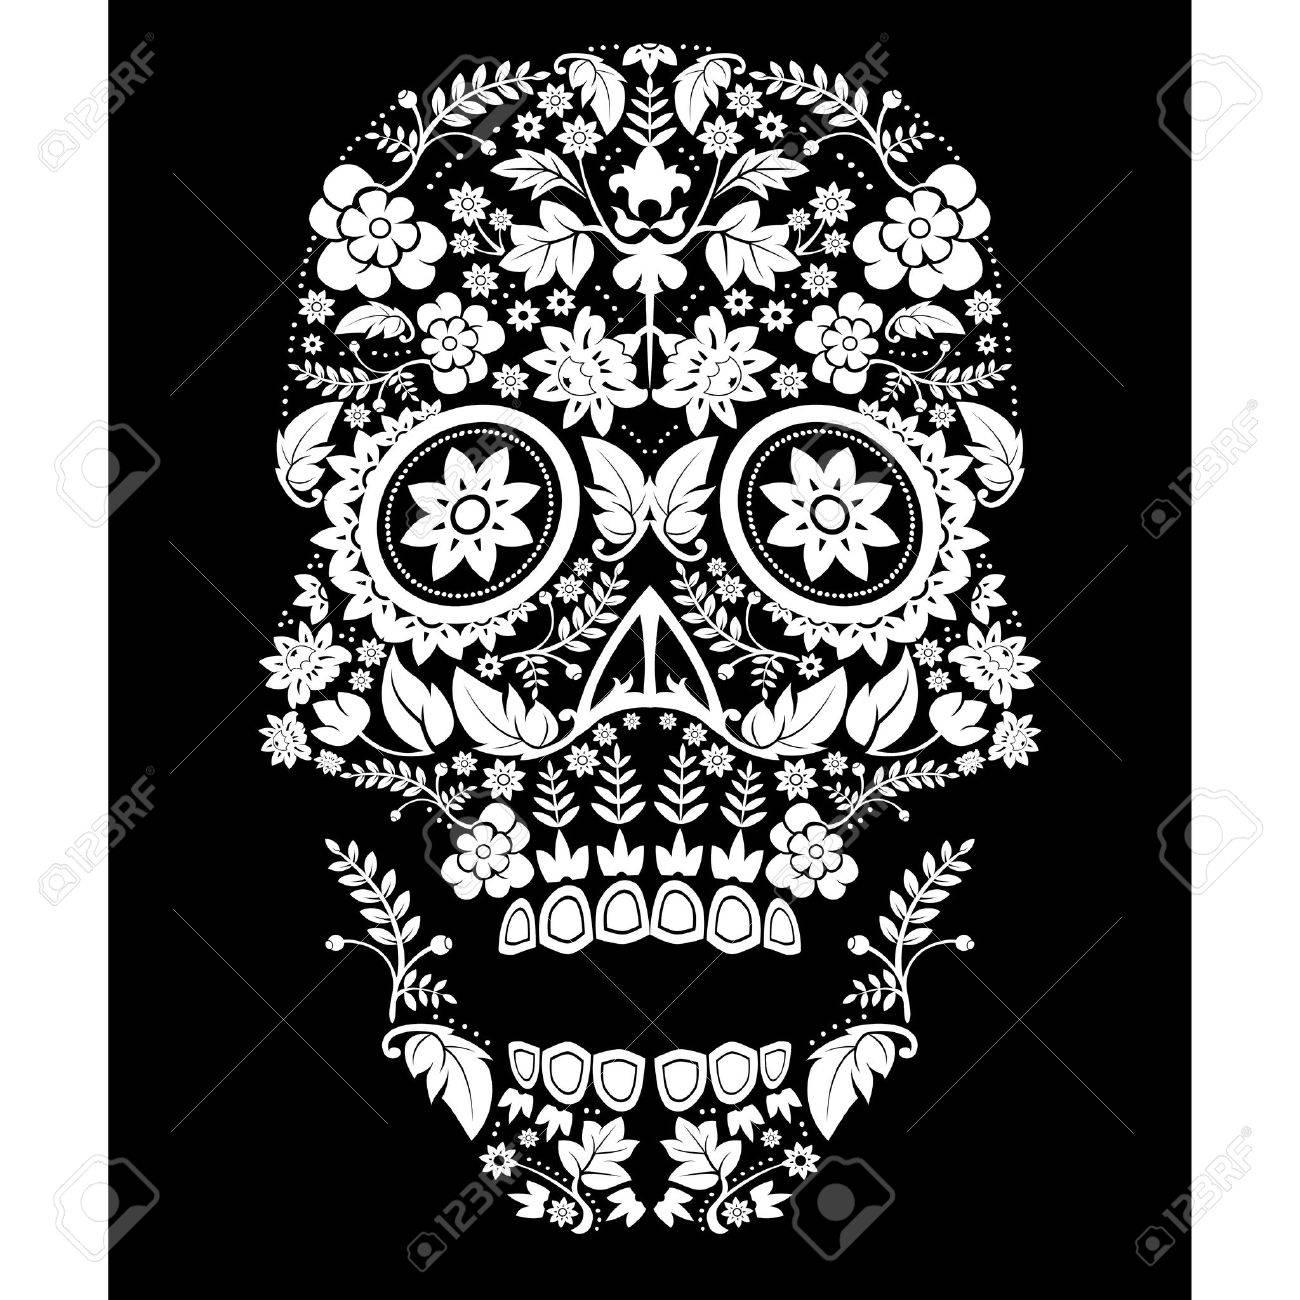 Day of the Dead Sugar Skull Illustration - 21586515